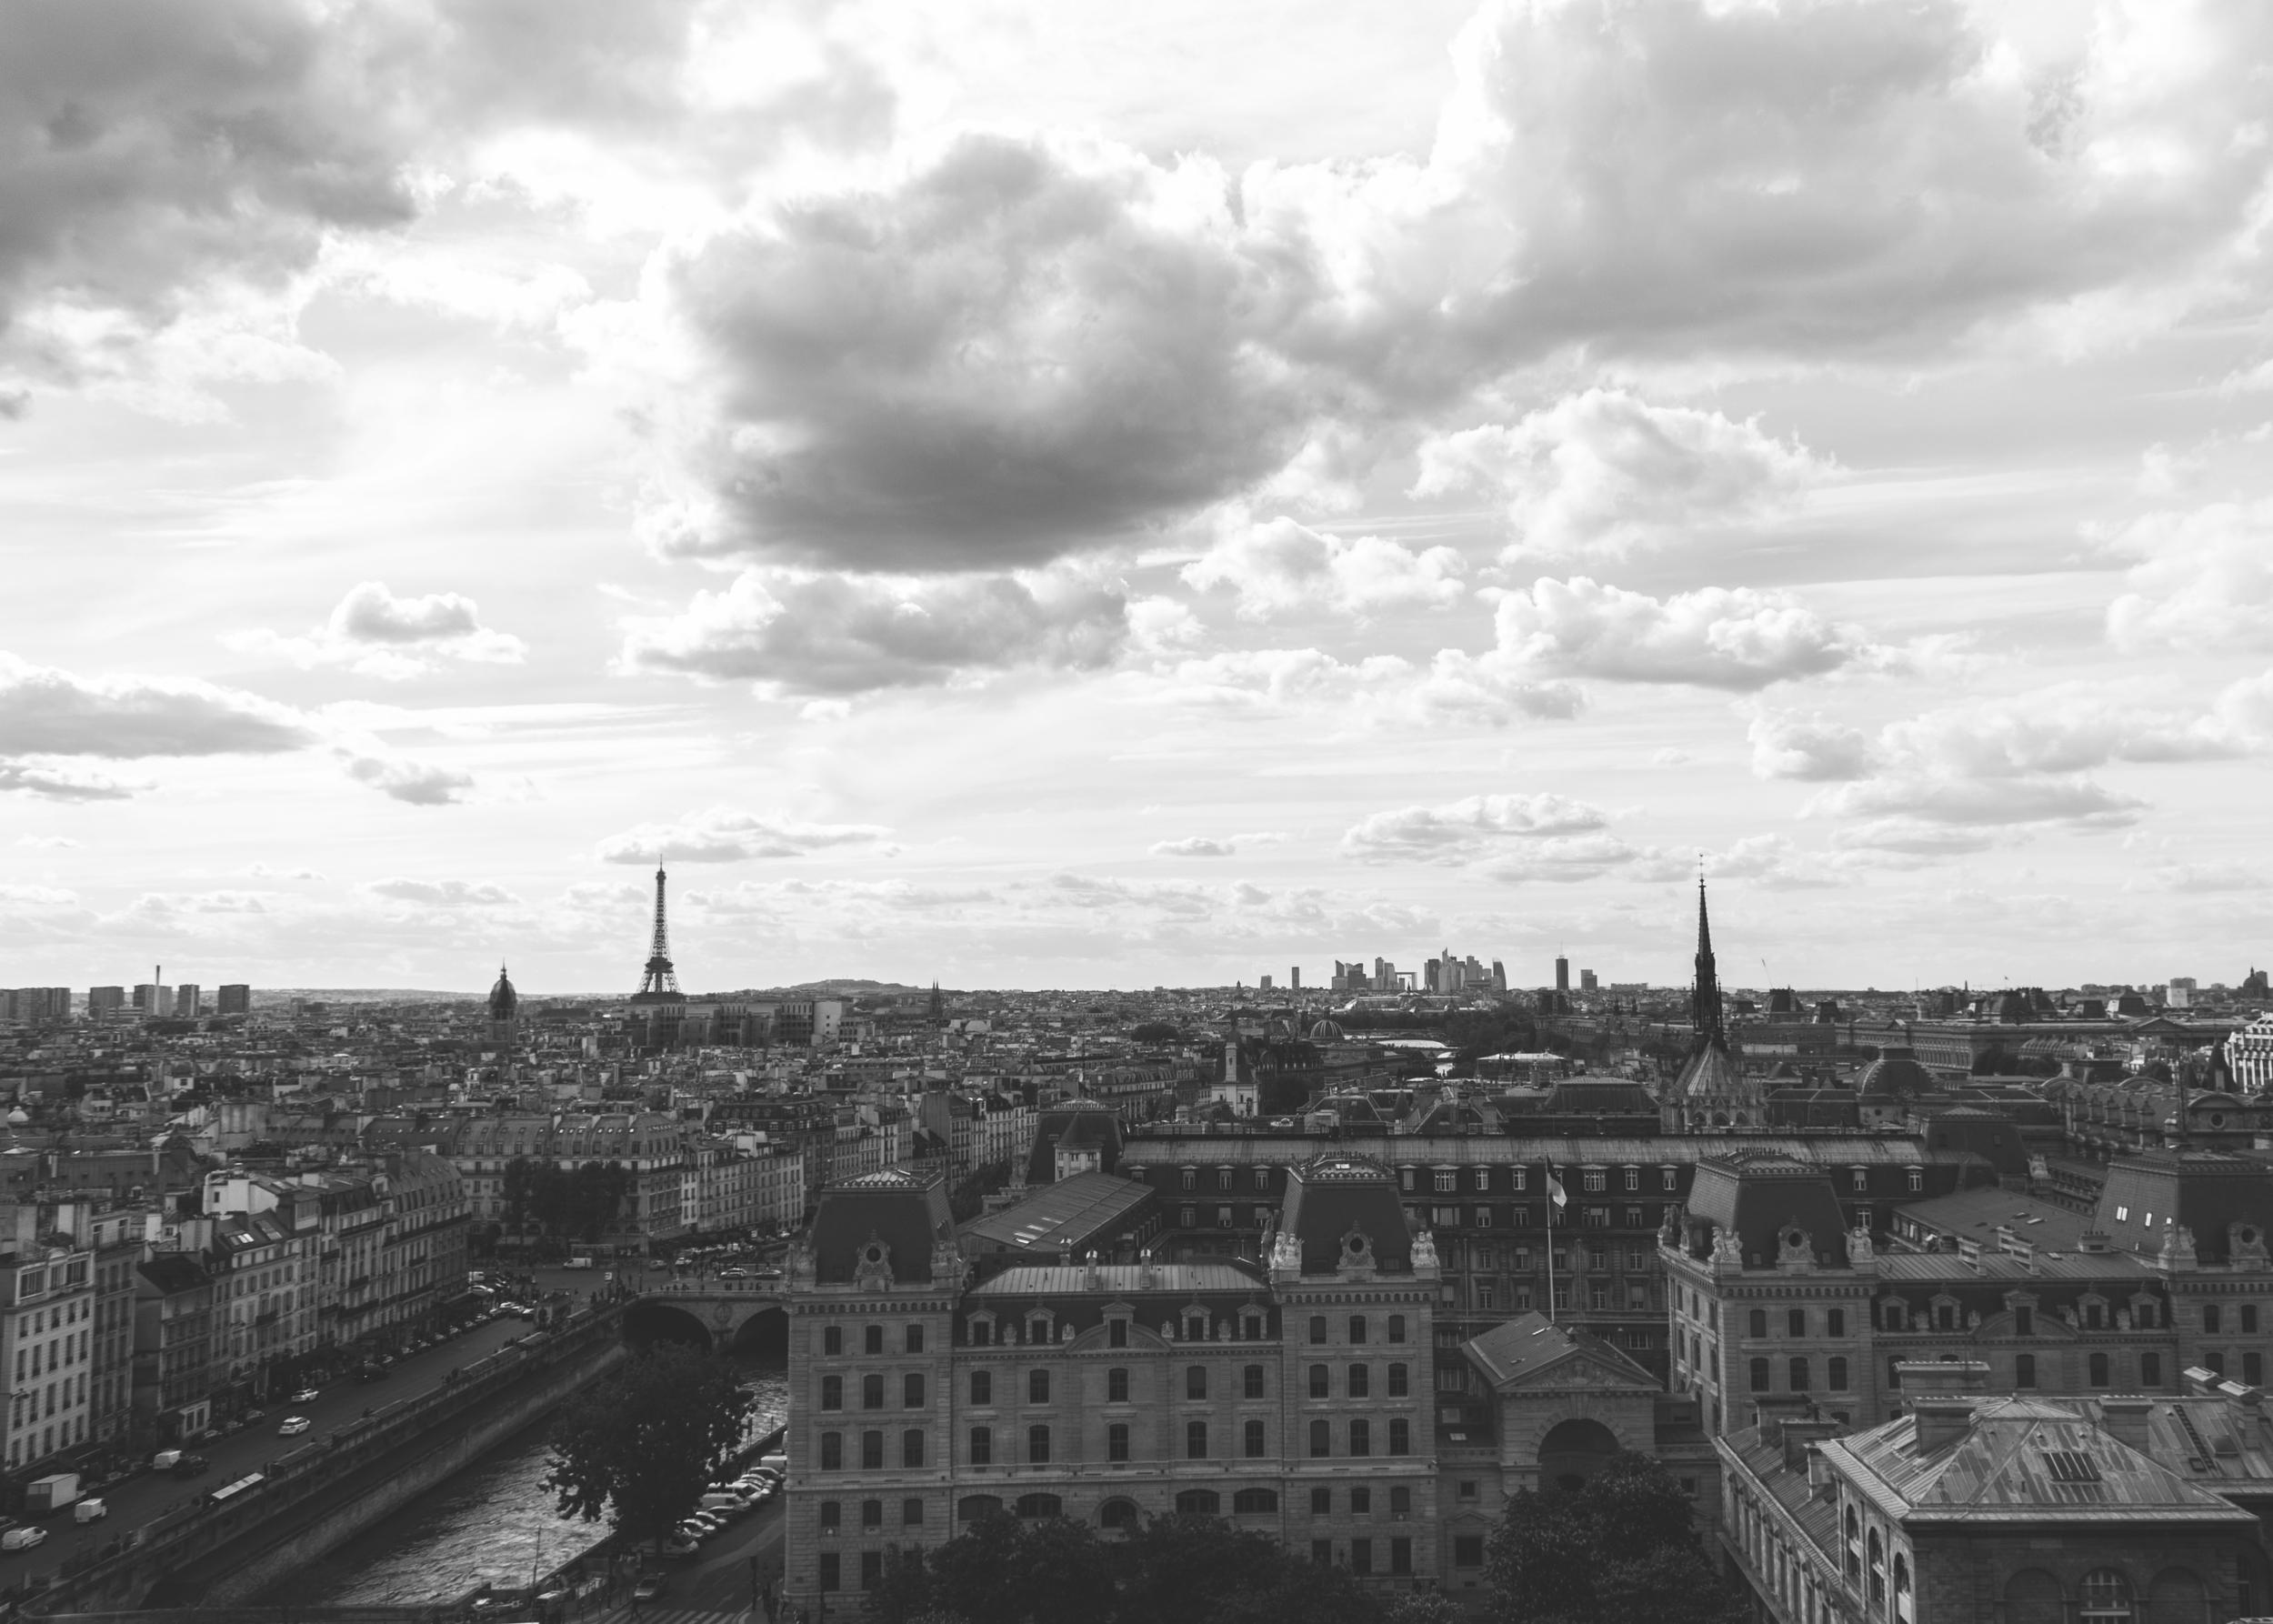 Paris cityscape, taken with iPhone 6Plus